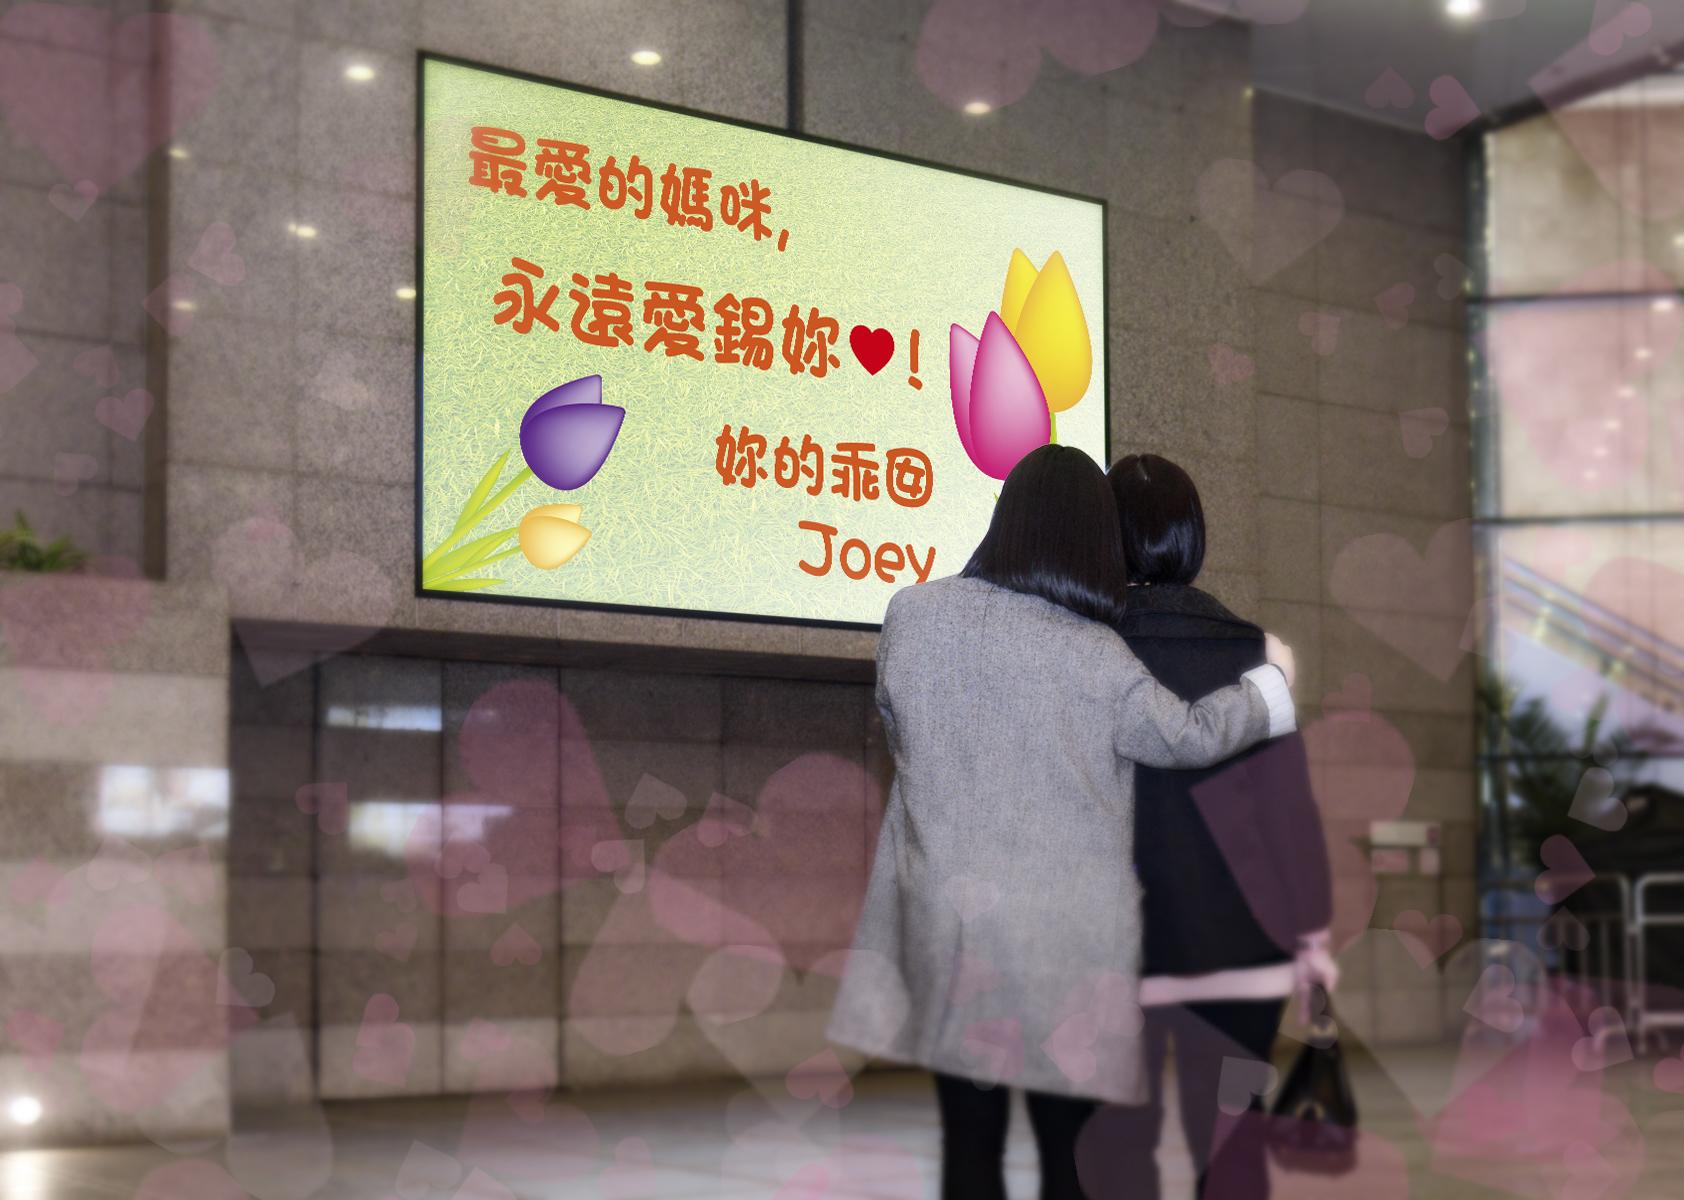 香港會議展覽中心各餐廳母親節推介